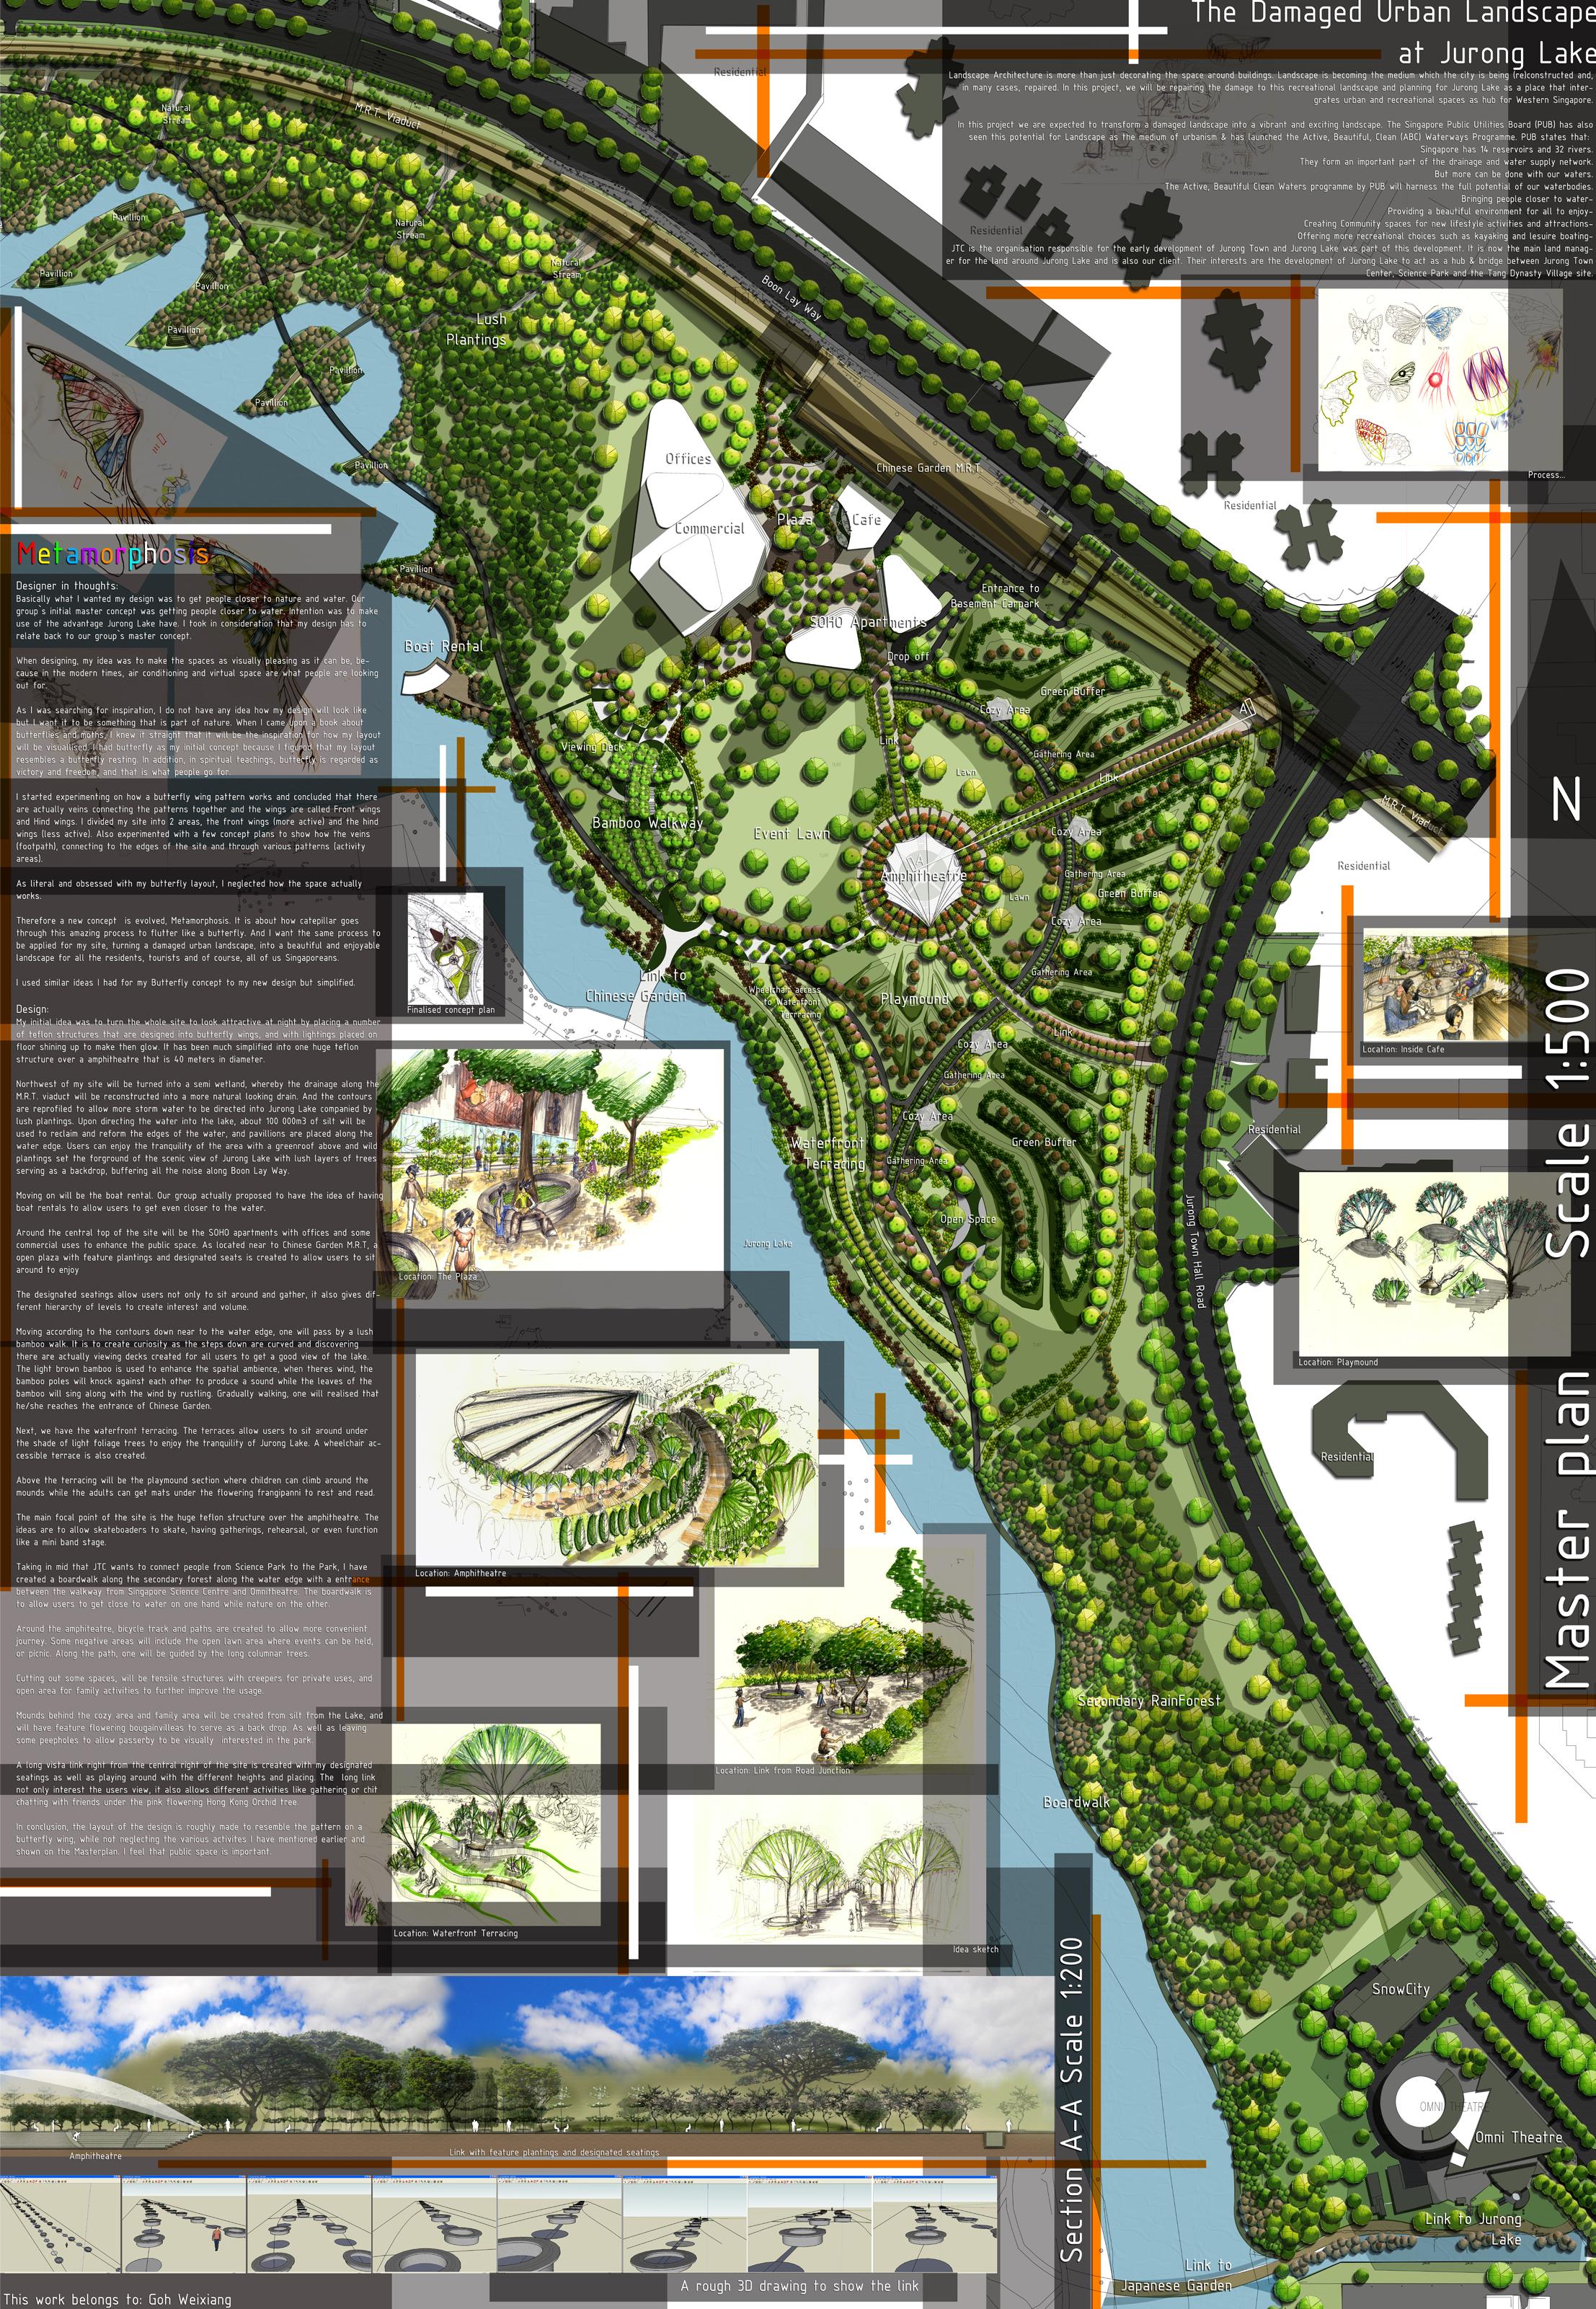 The damaged urban landscape ii by tidus yuna on deviantart for Urban home landscape design